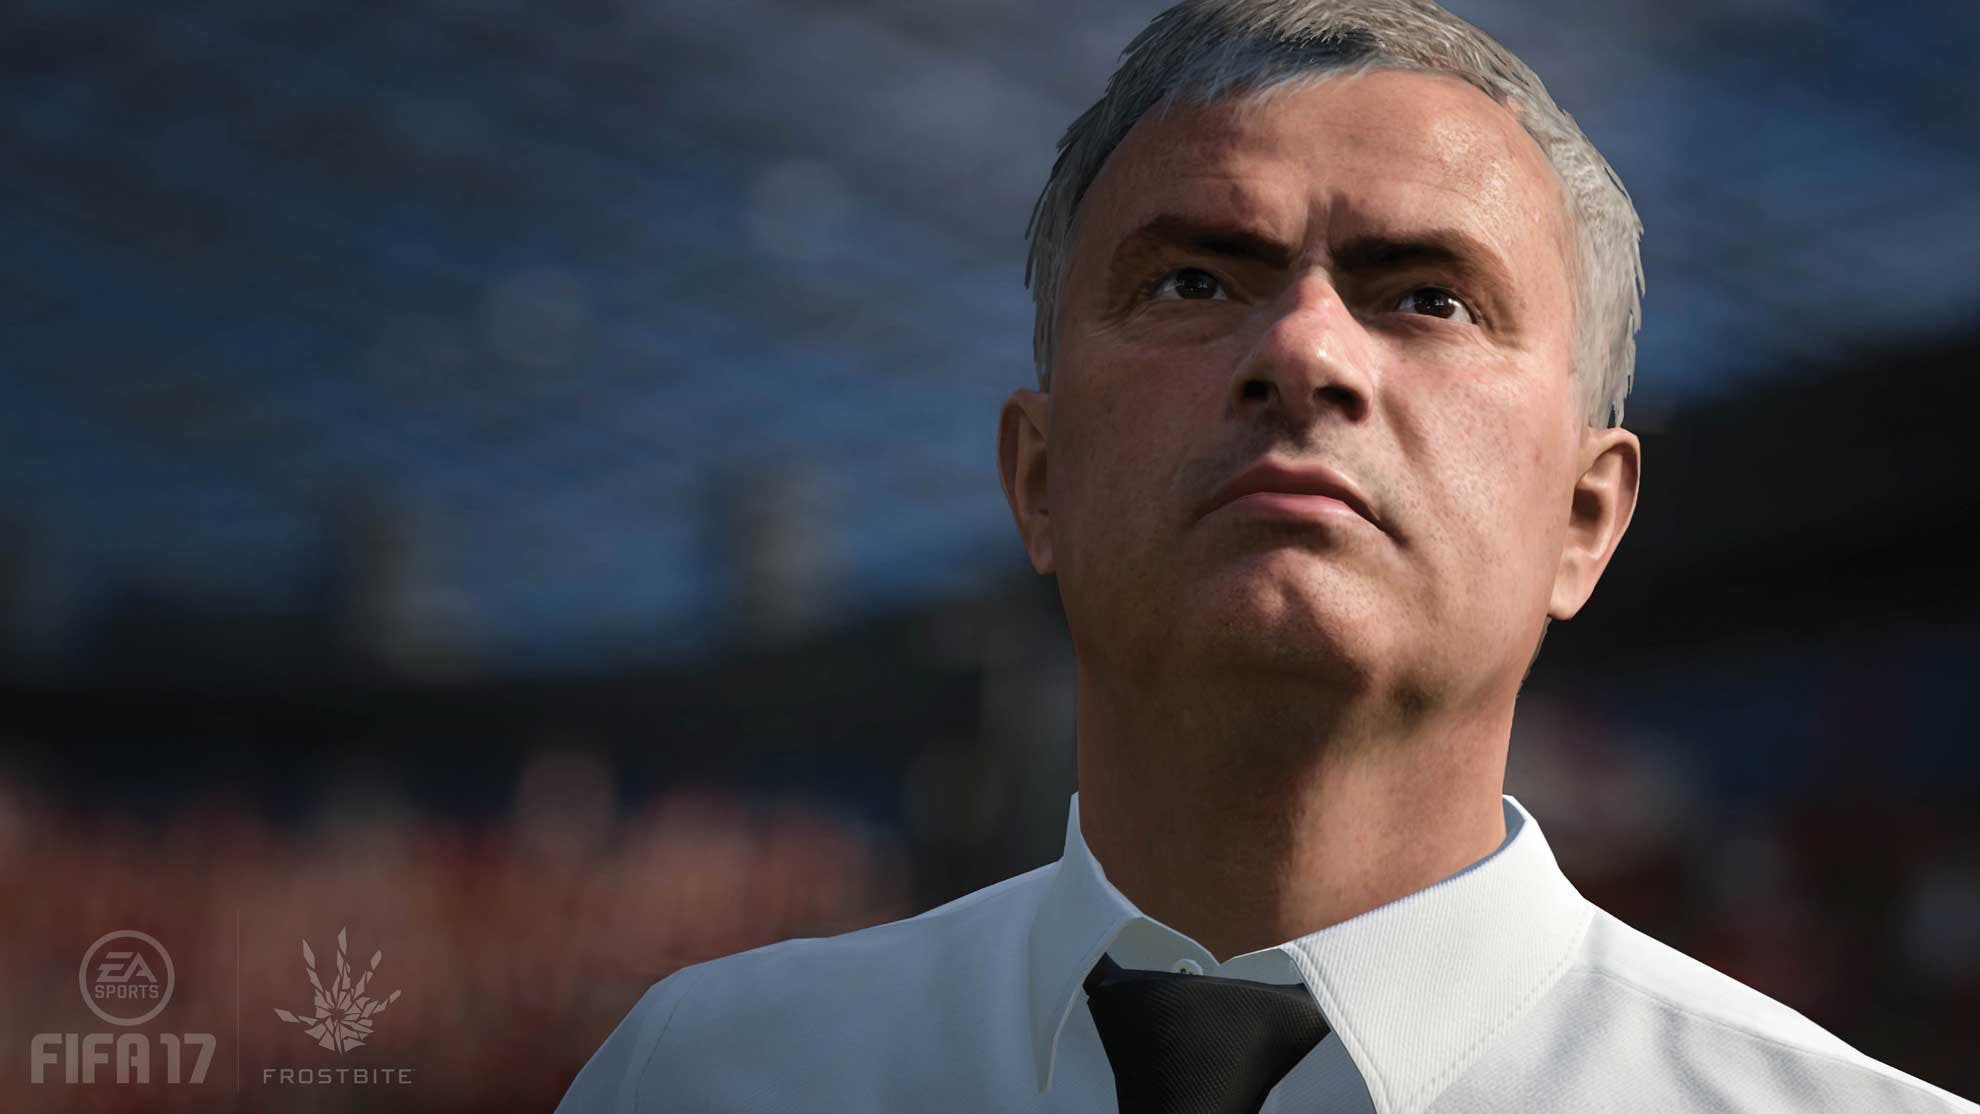 Fifa 17 - Jose Mourinho